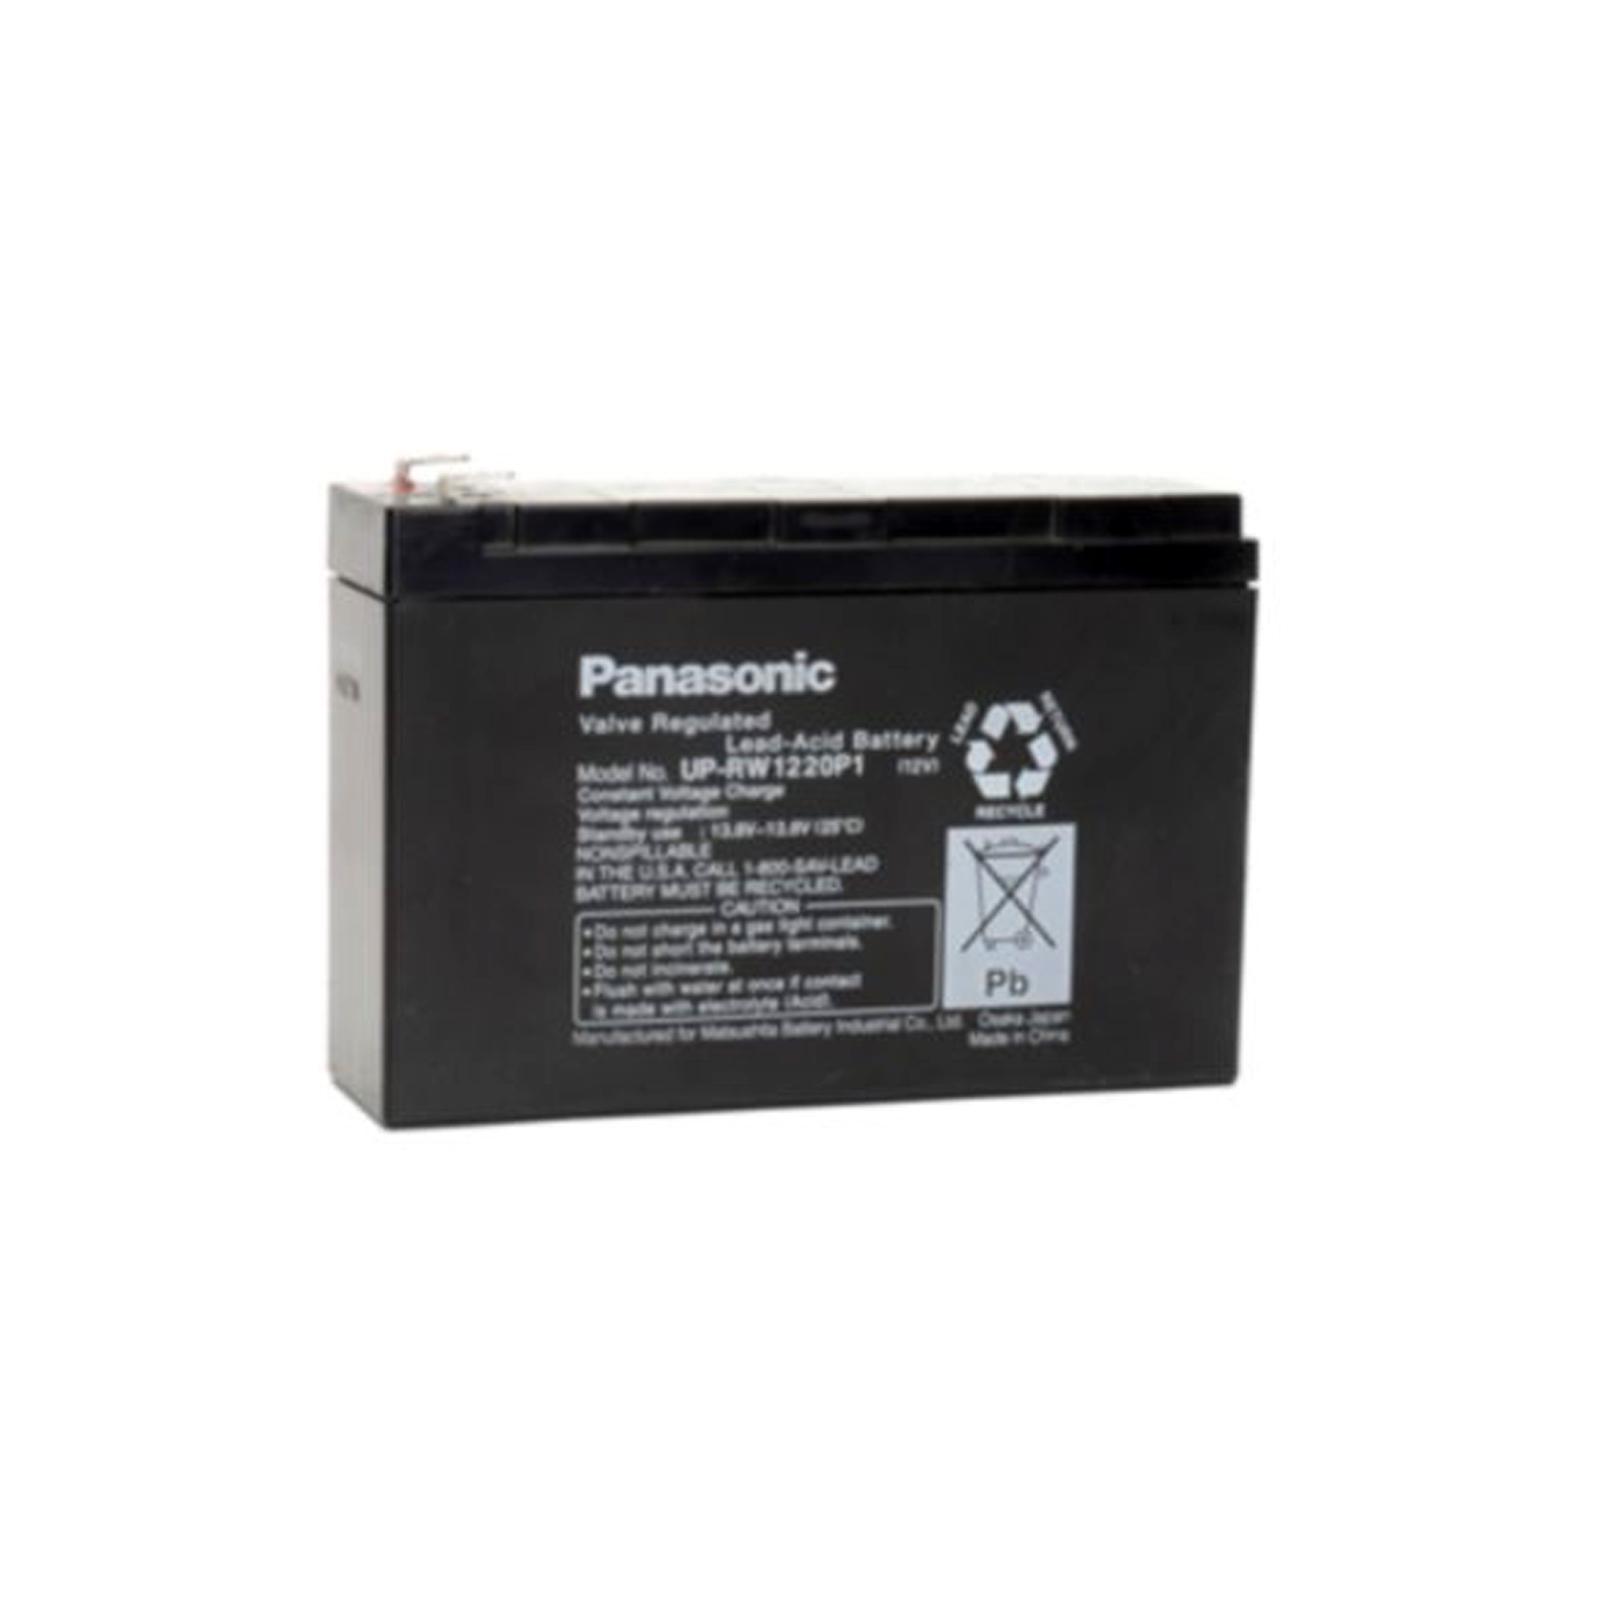 Sealed Lead Acid Battery on Panasonic Up Rw1220p1 Sealed Lead Acid Battery 12v 3 5ah Sla   Ebay